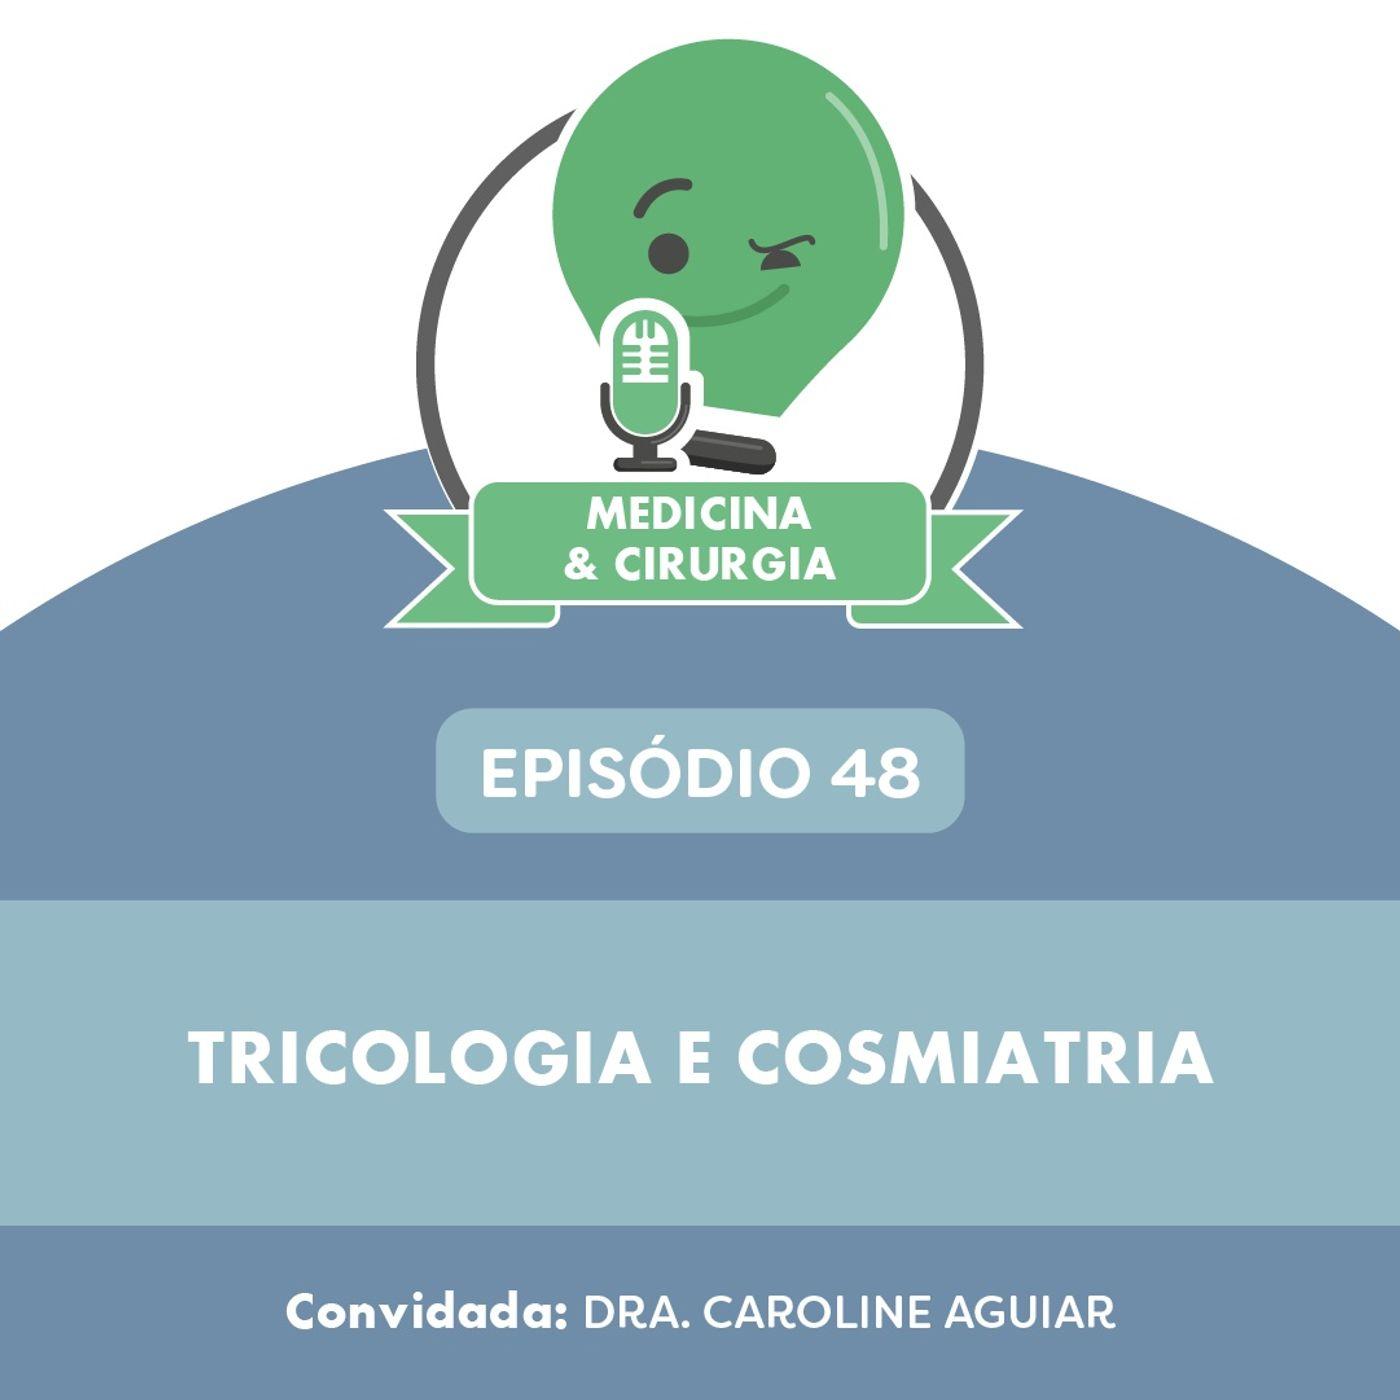 48 - Tricologia e cosmiatria